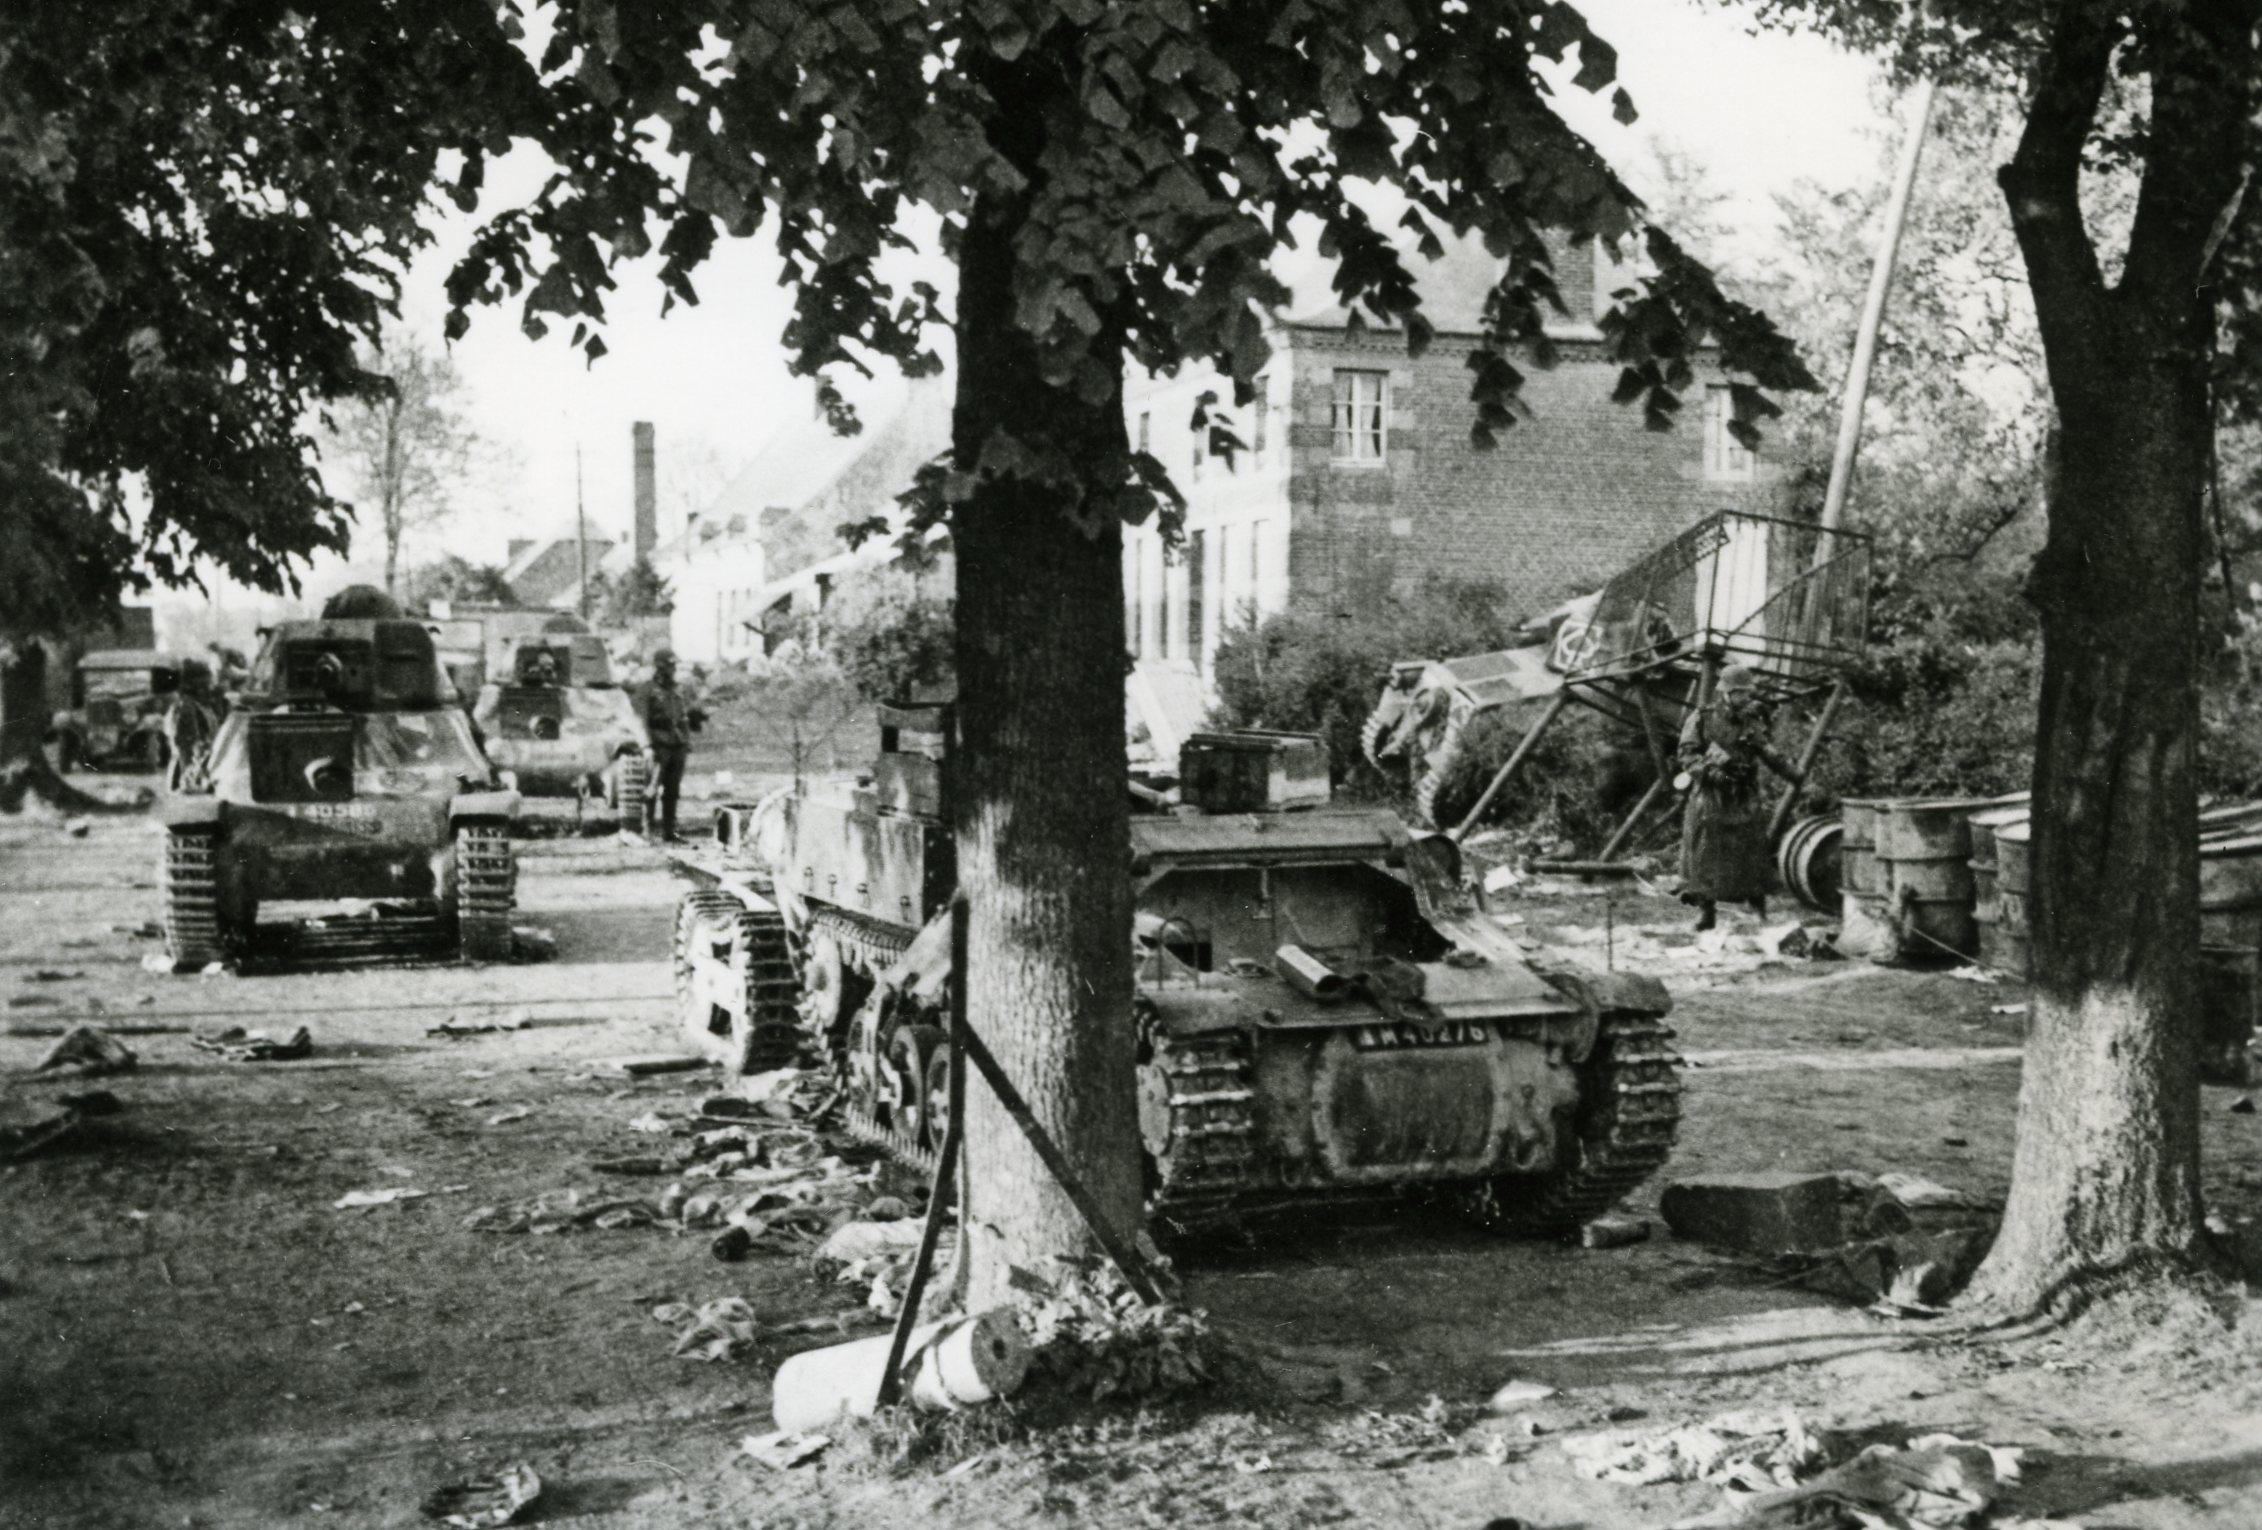 Angriff Auf Frankreich 2. Weltkrieg